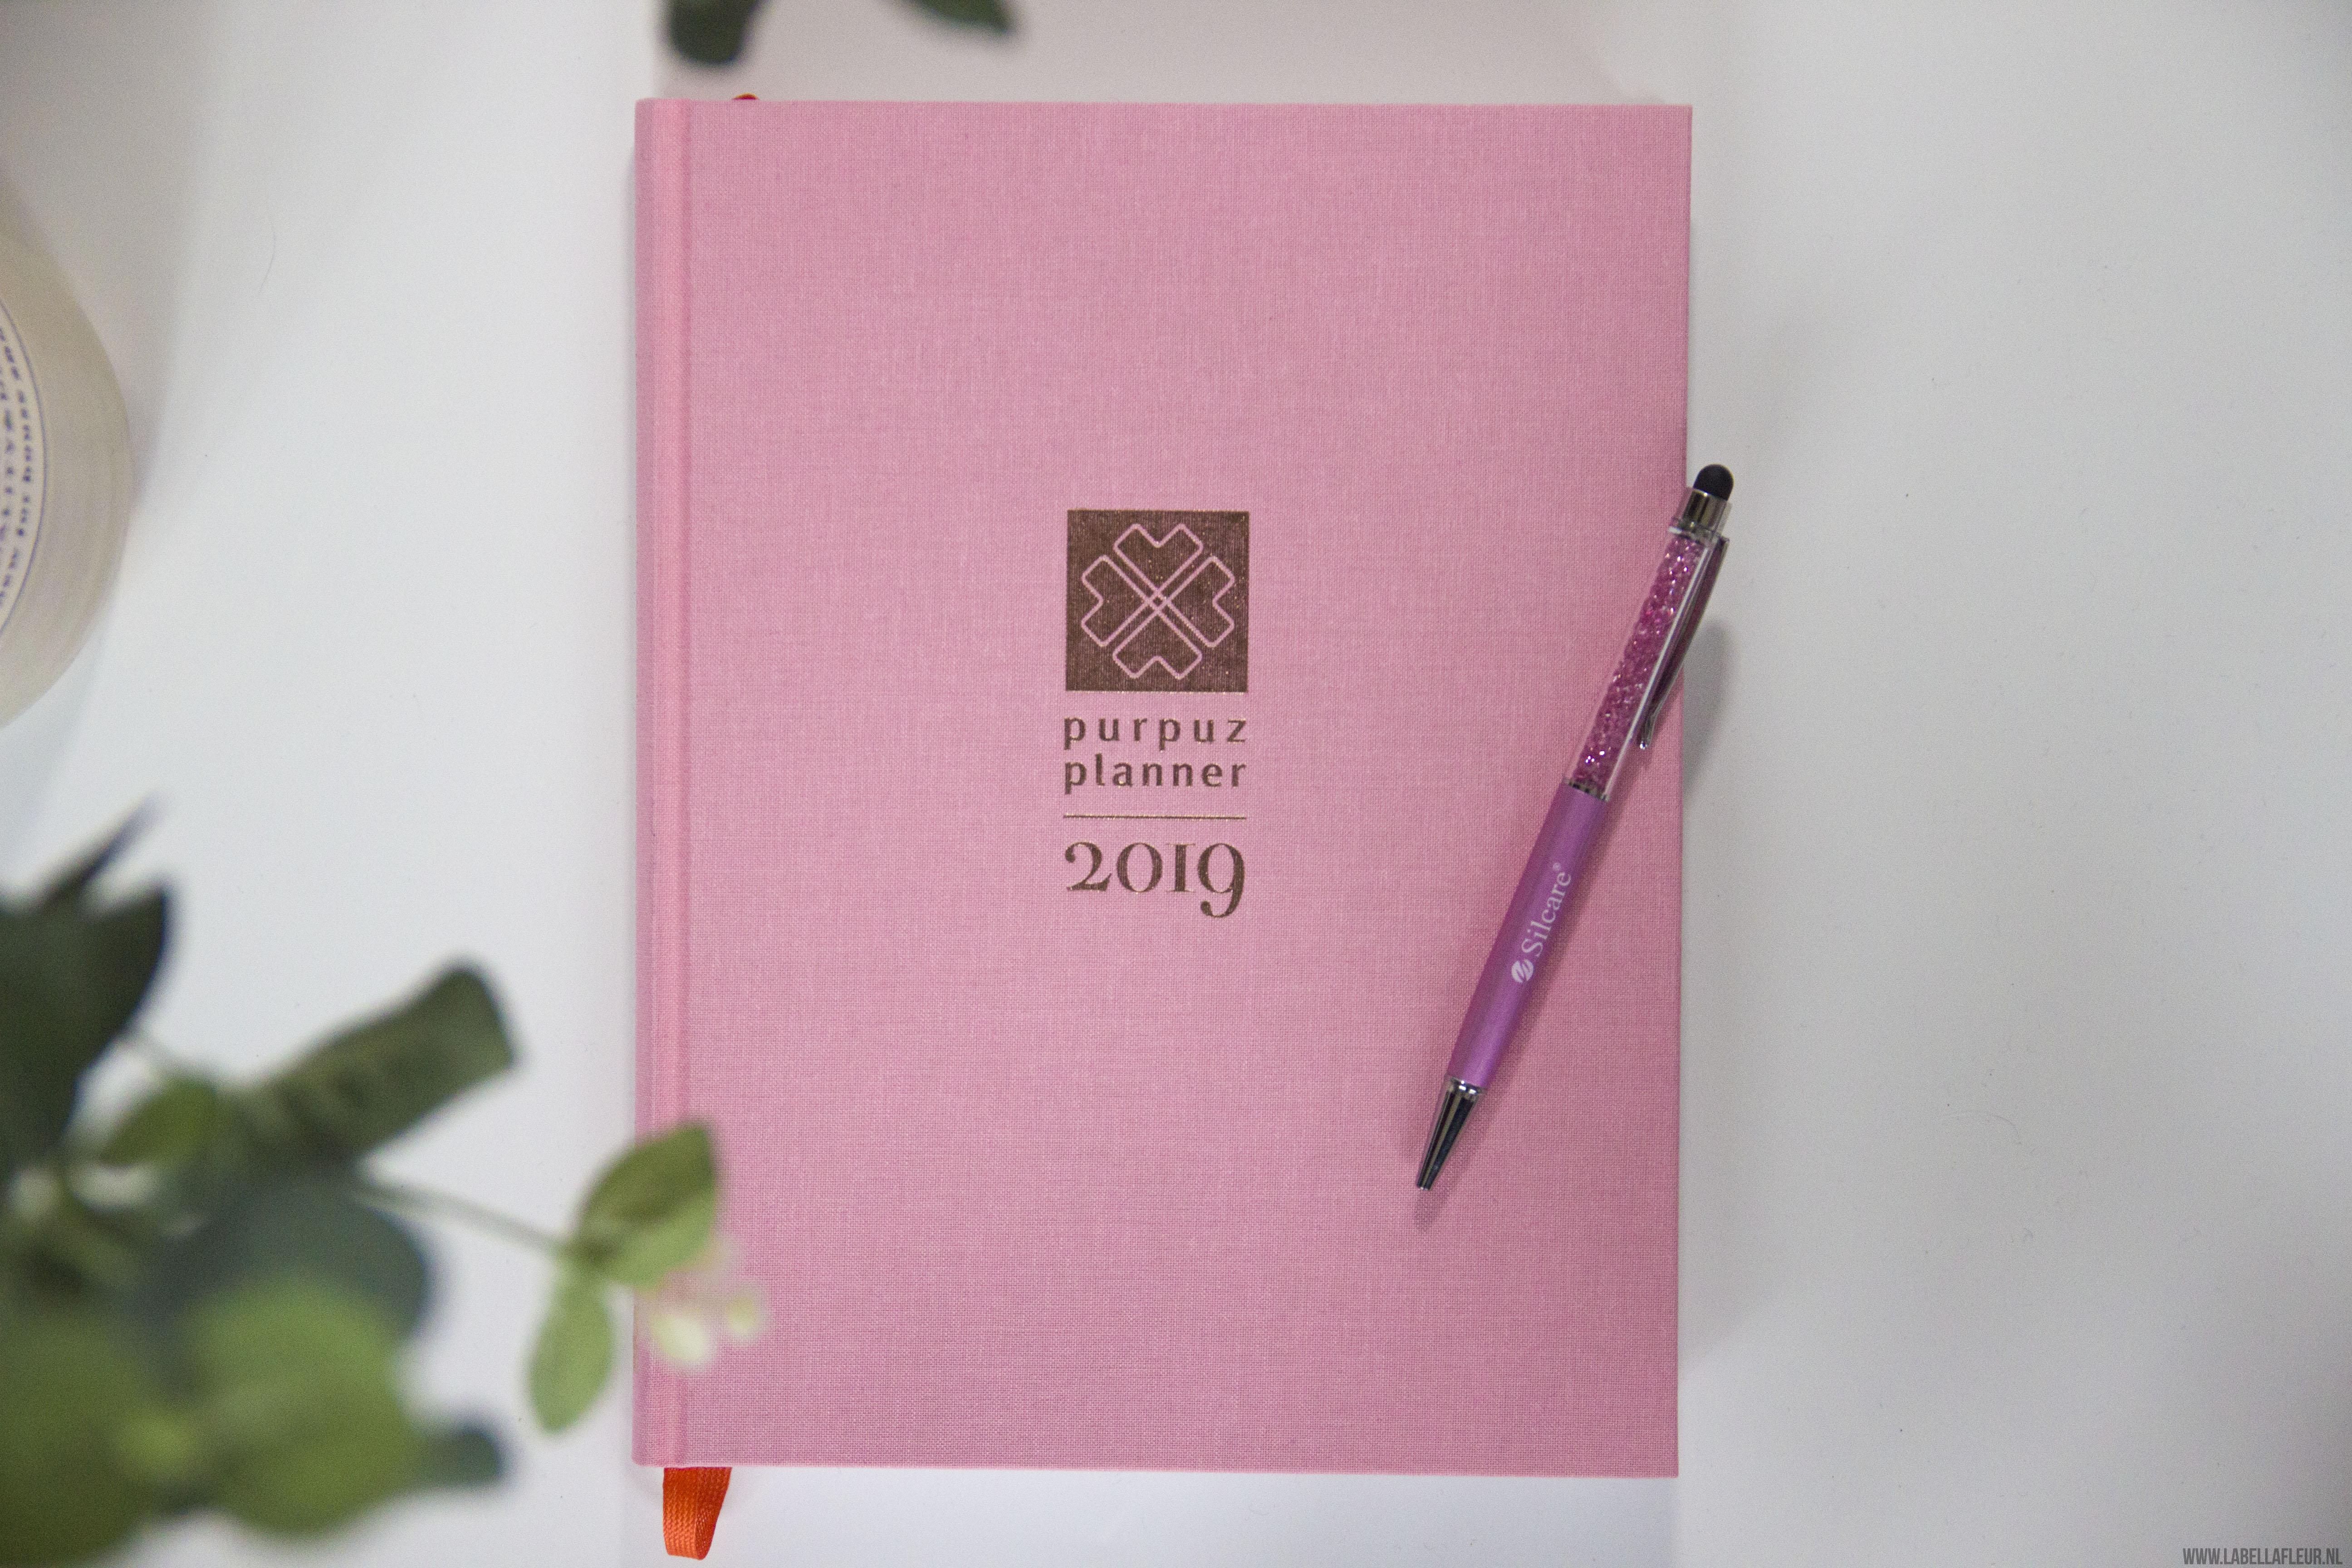 Purpuz planner 2019, clén verkleij, planner, agenda